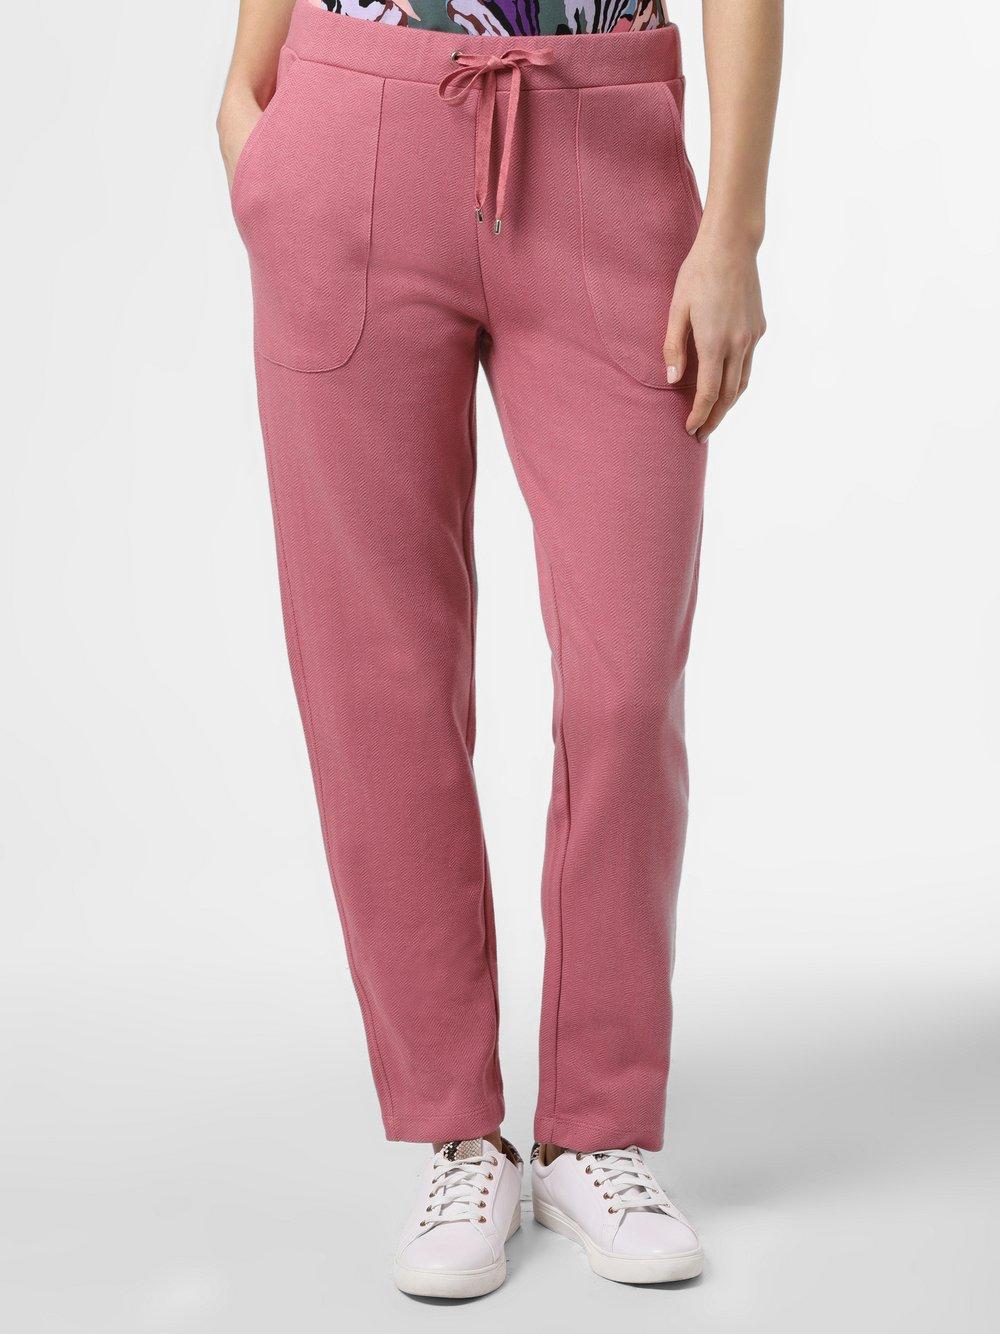 Franco Callegari - Damskie spodnie dresowe z dodatkiem lnu, różowy